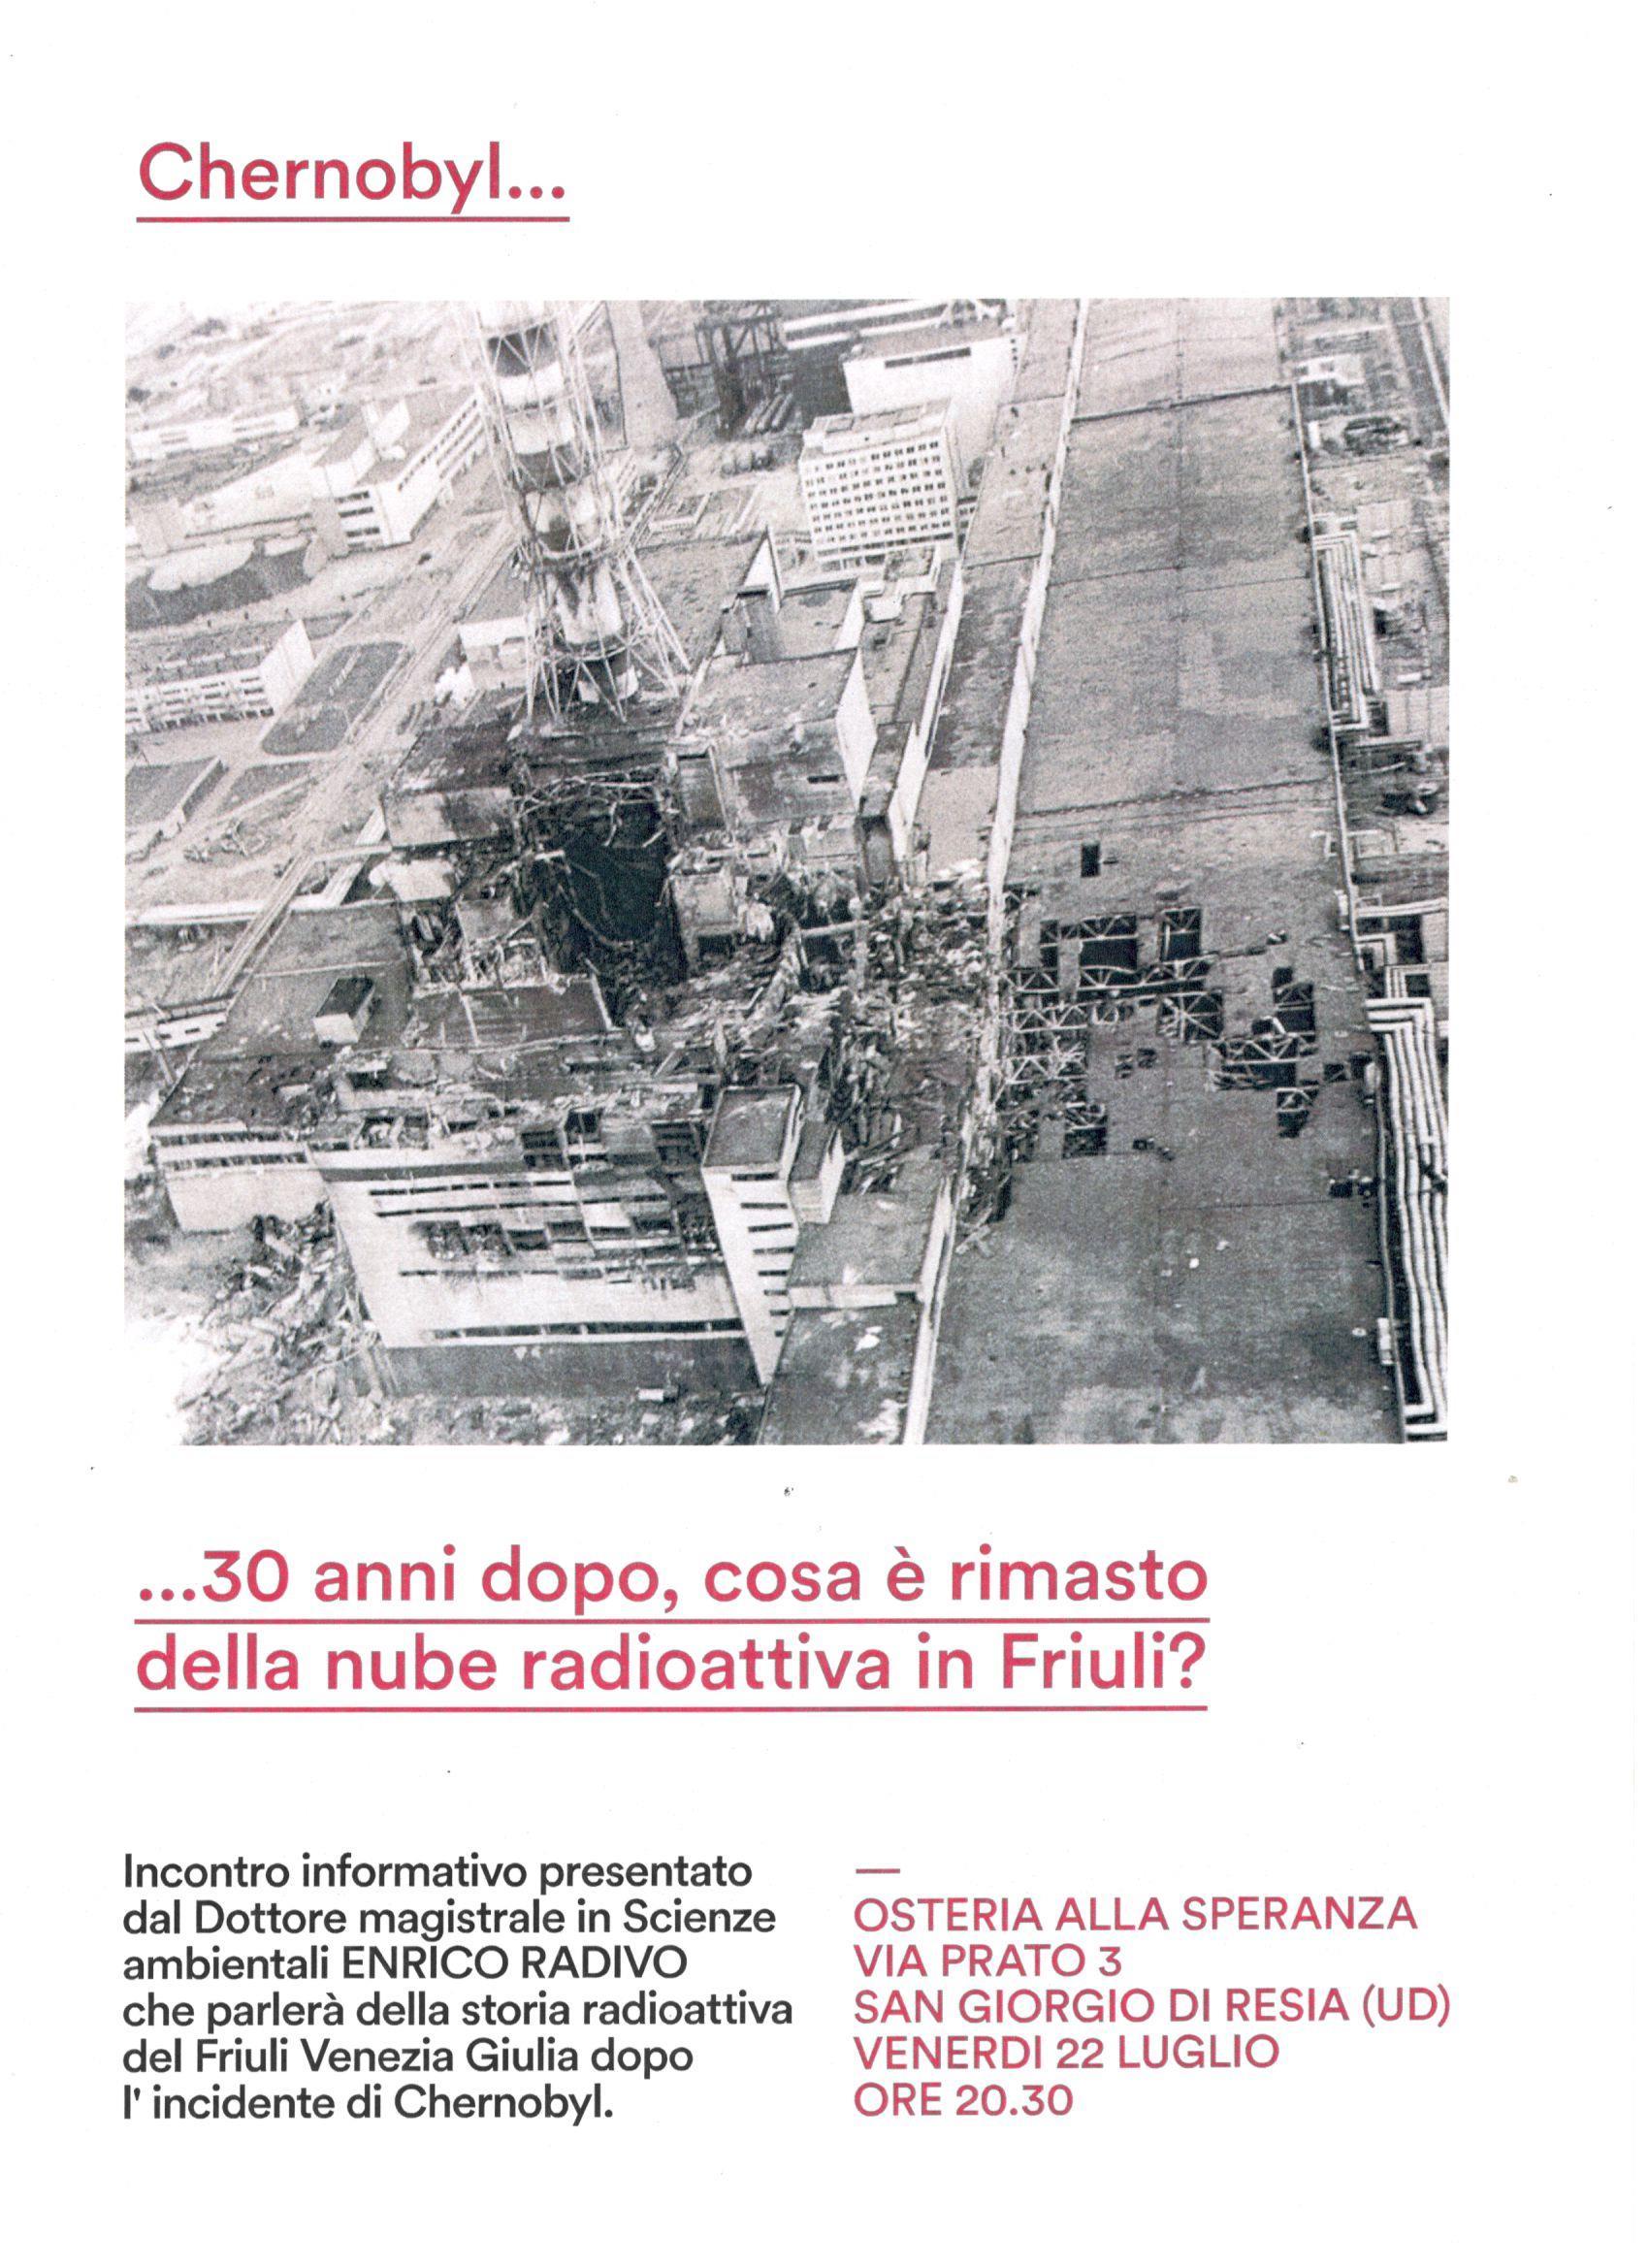 Chernobyl...30 anni dopo